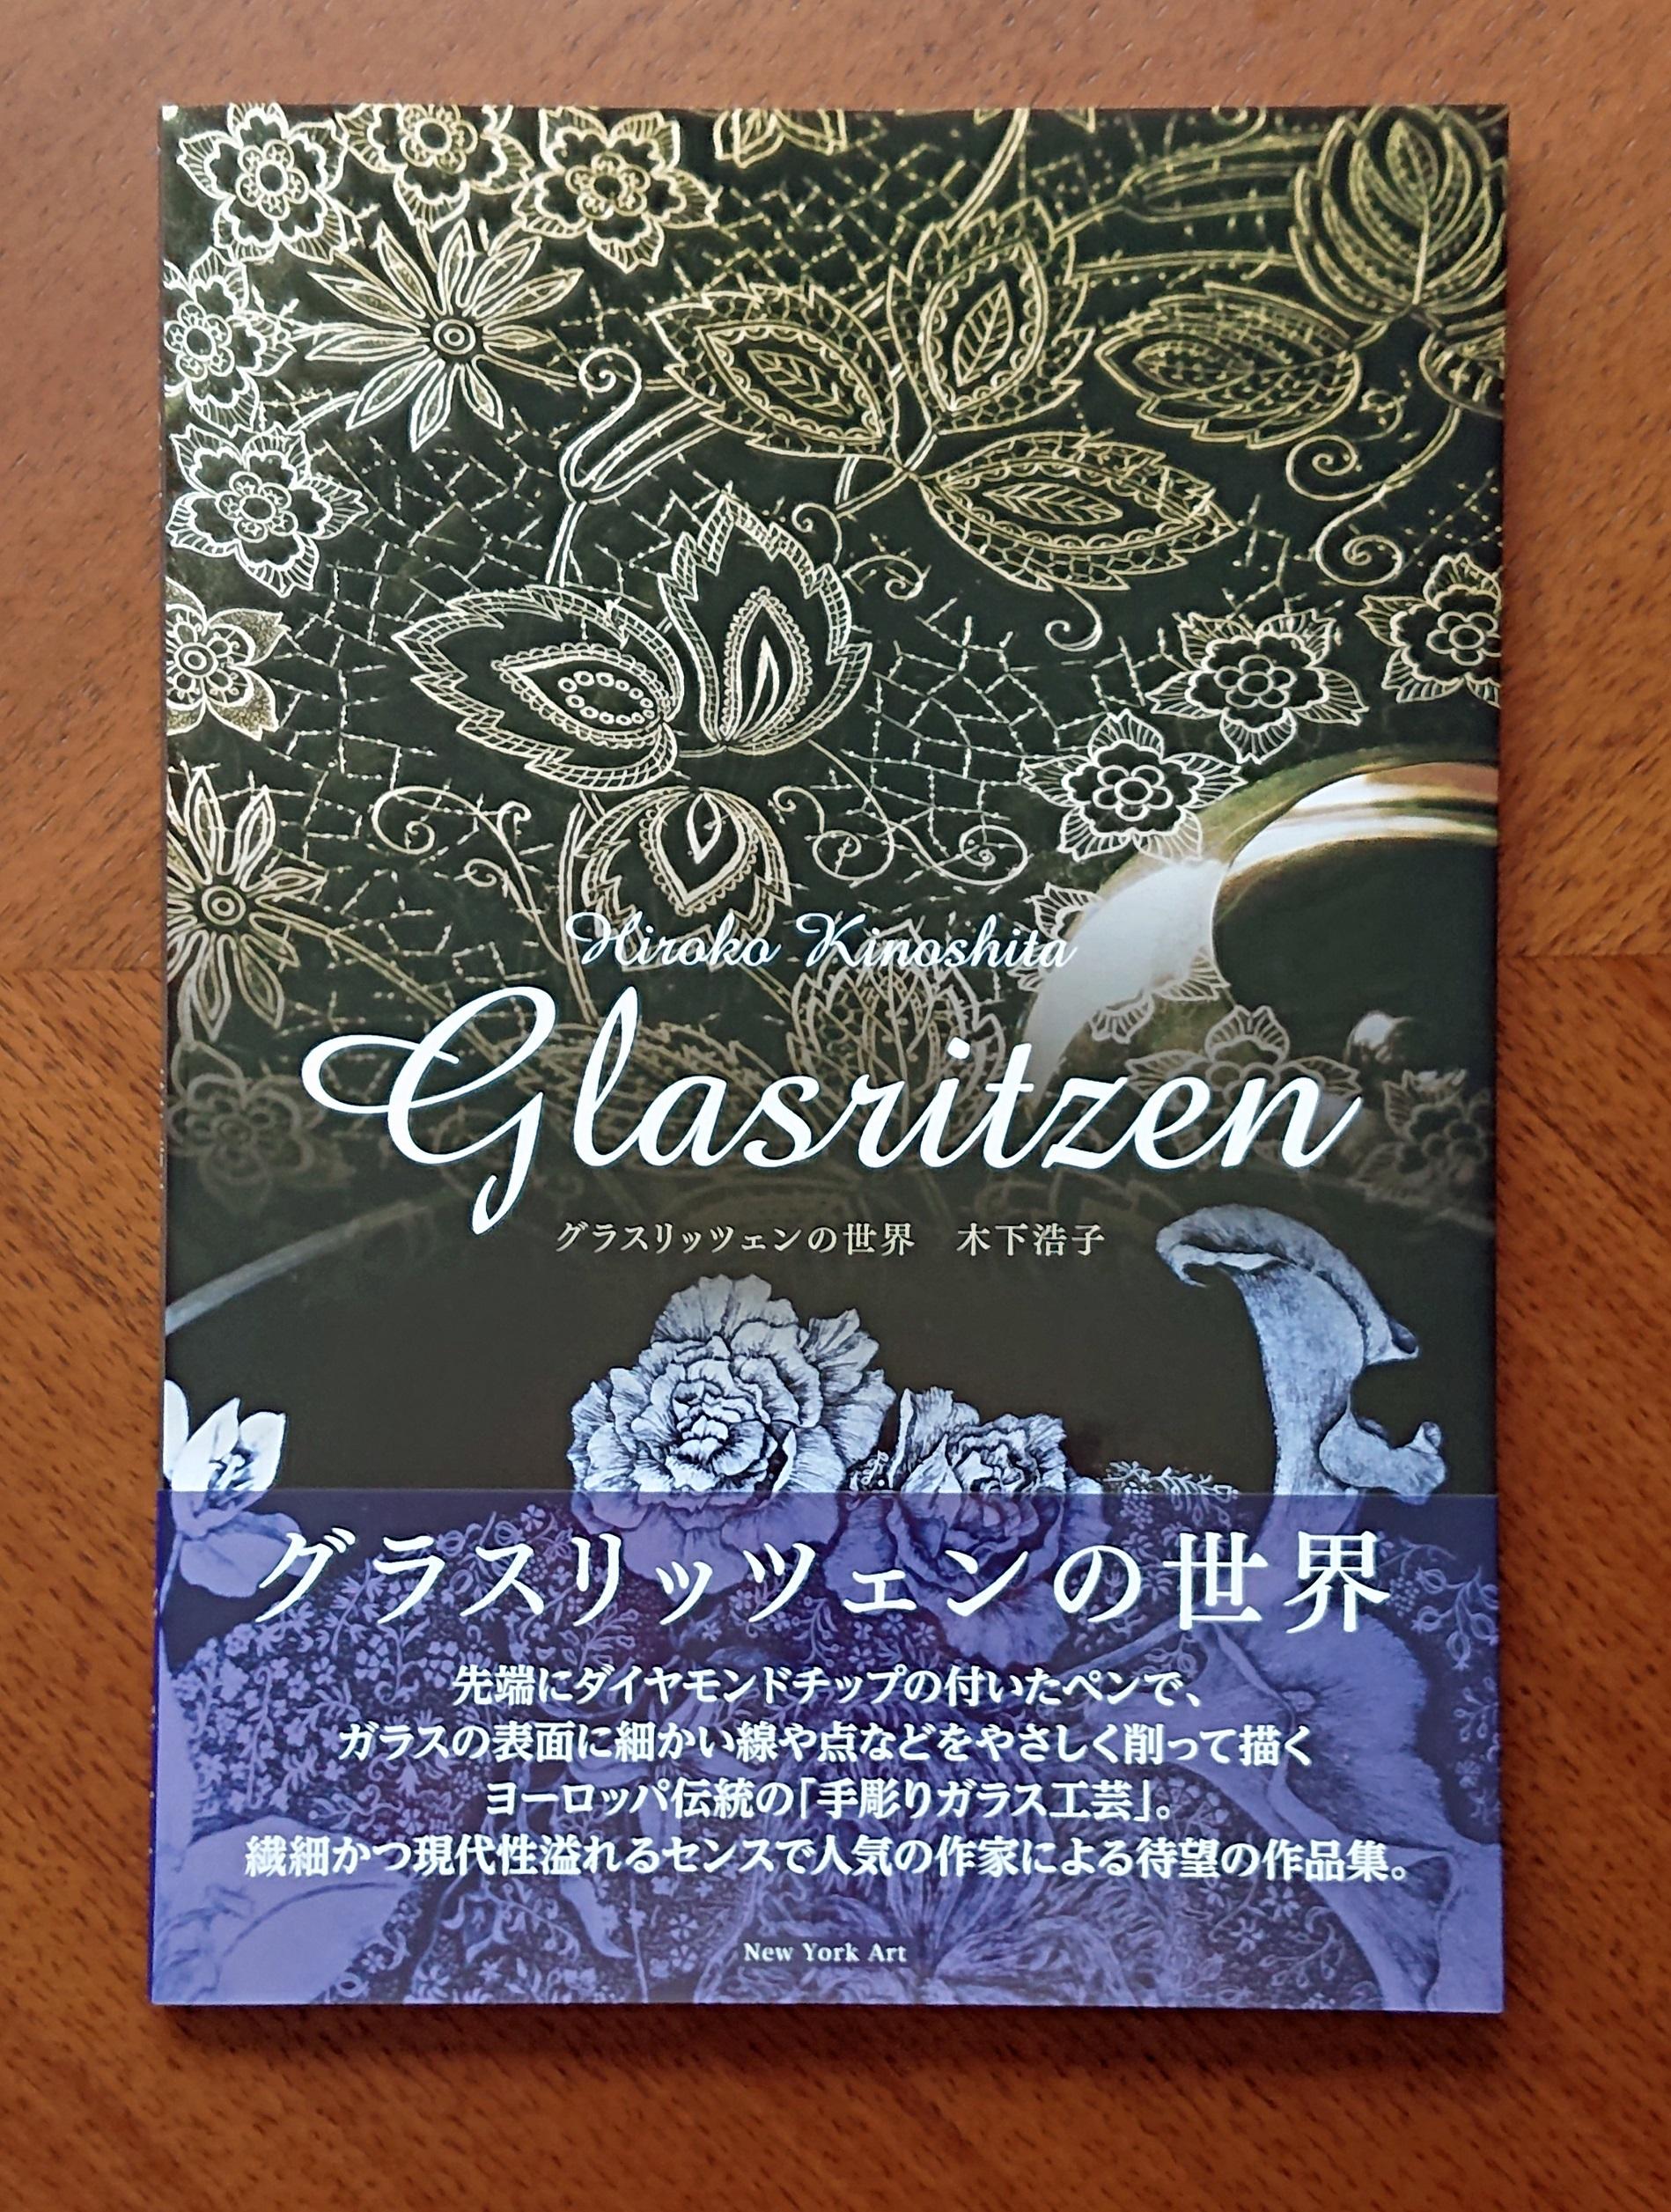 グラスリッツェン作品集を出版いたします